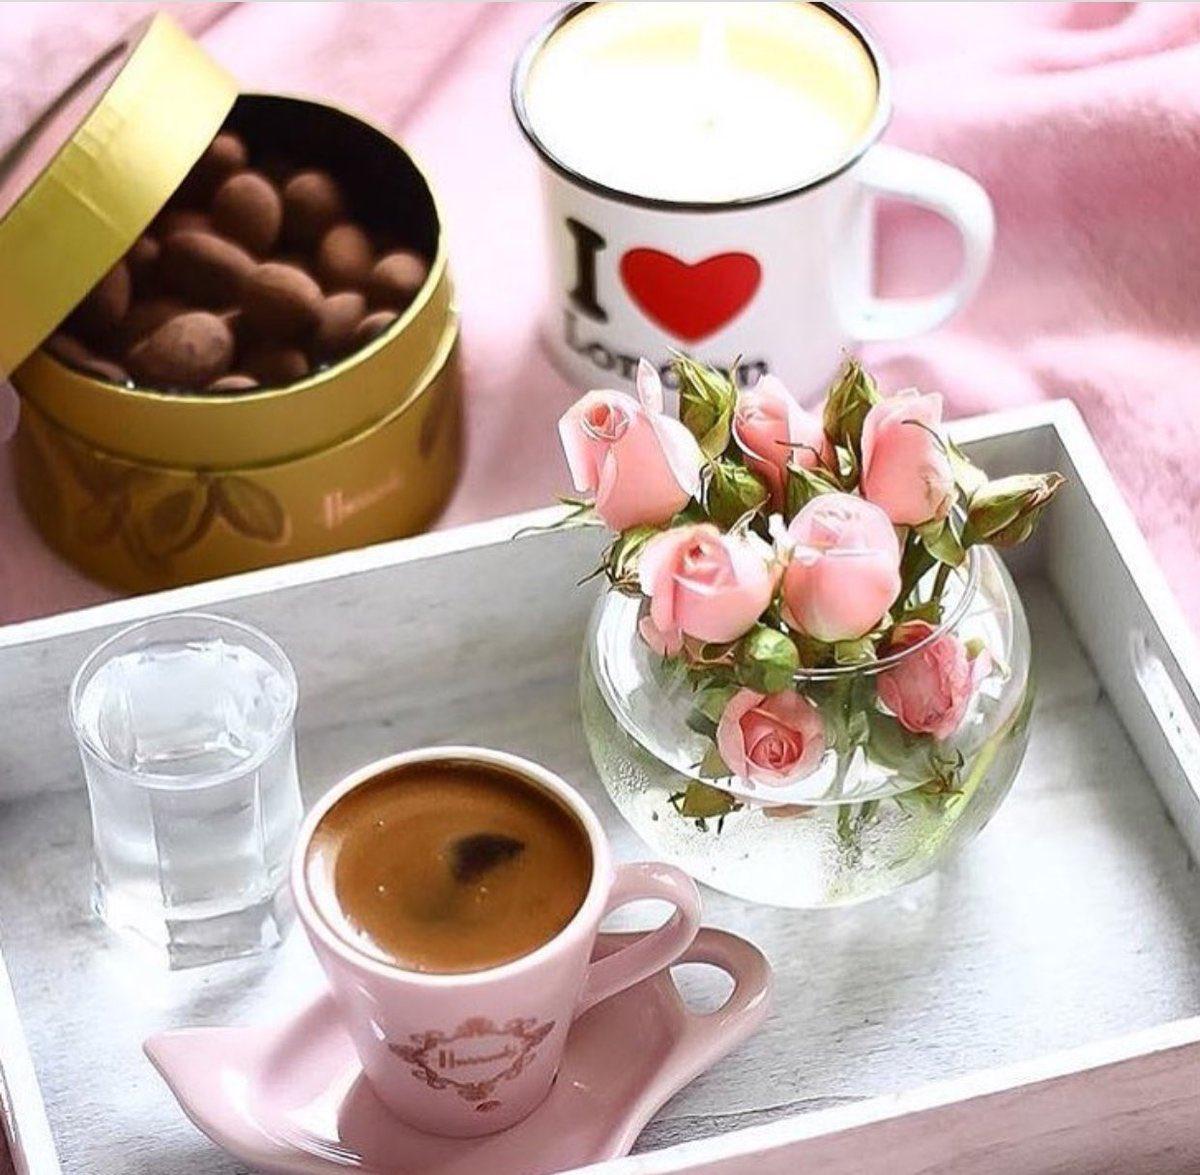 صورة احلى قهوه تتناولها في الصباح , صباح الخير قهوة 1817 6